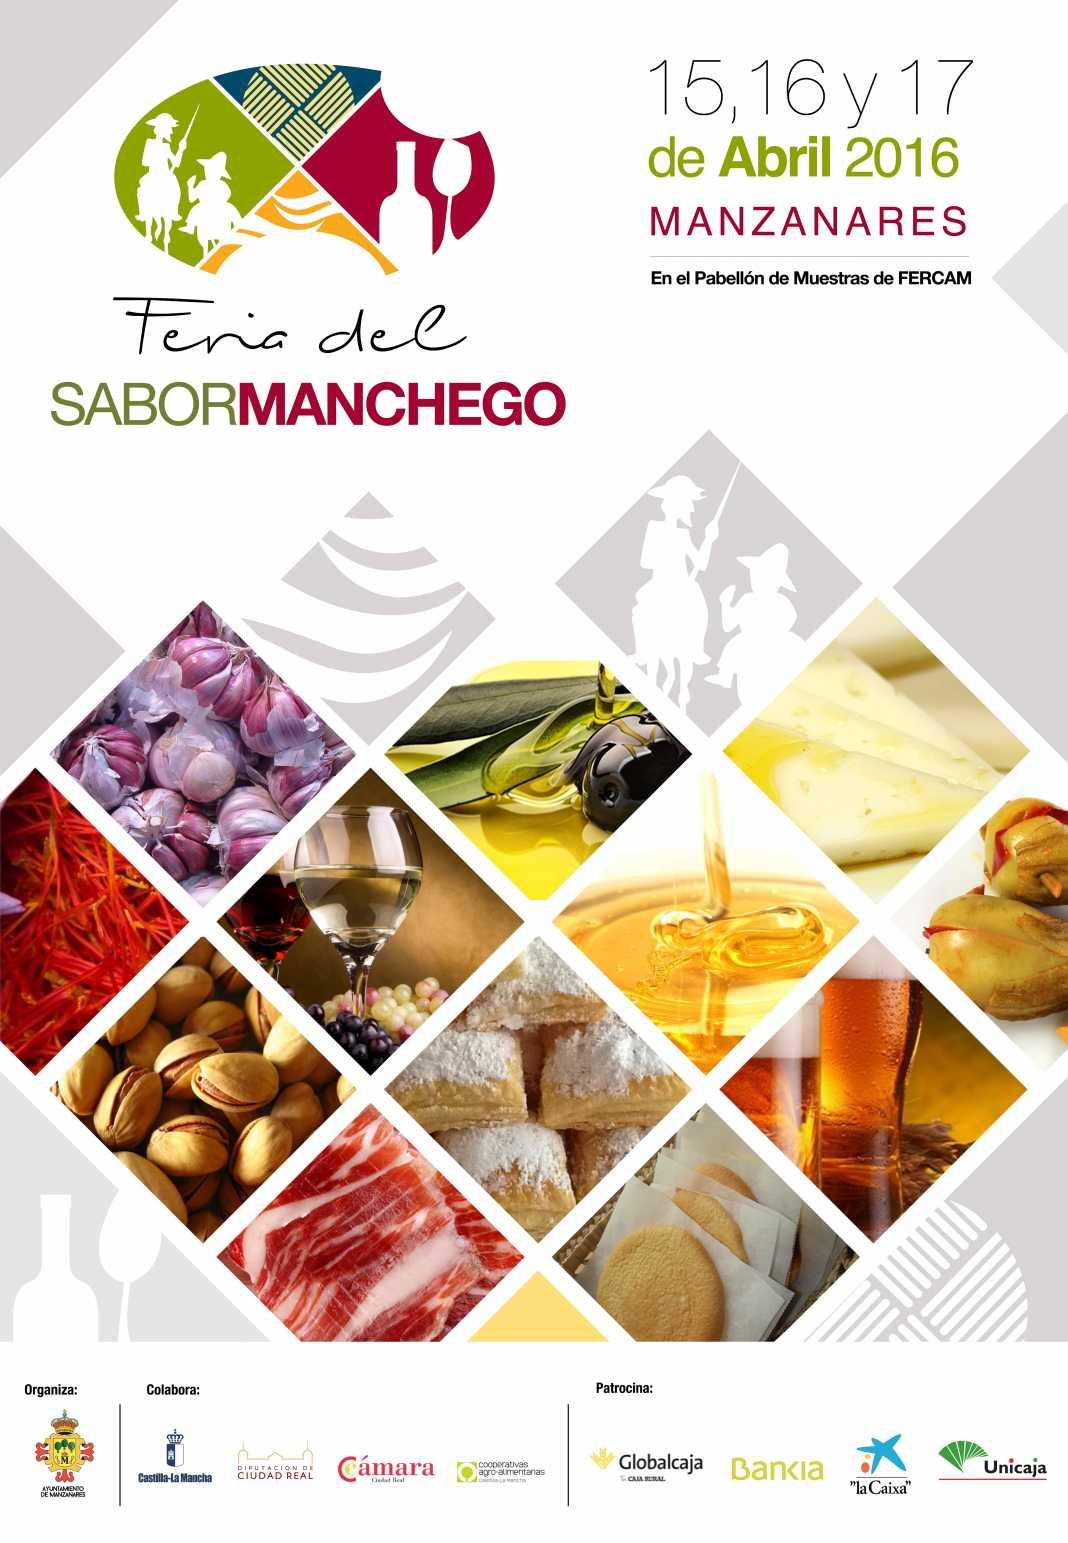 fersama feria del sabor manchego 2016 1068x1543 - Herencia estará representada en la Feria del Sabor Manchego